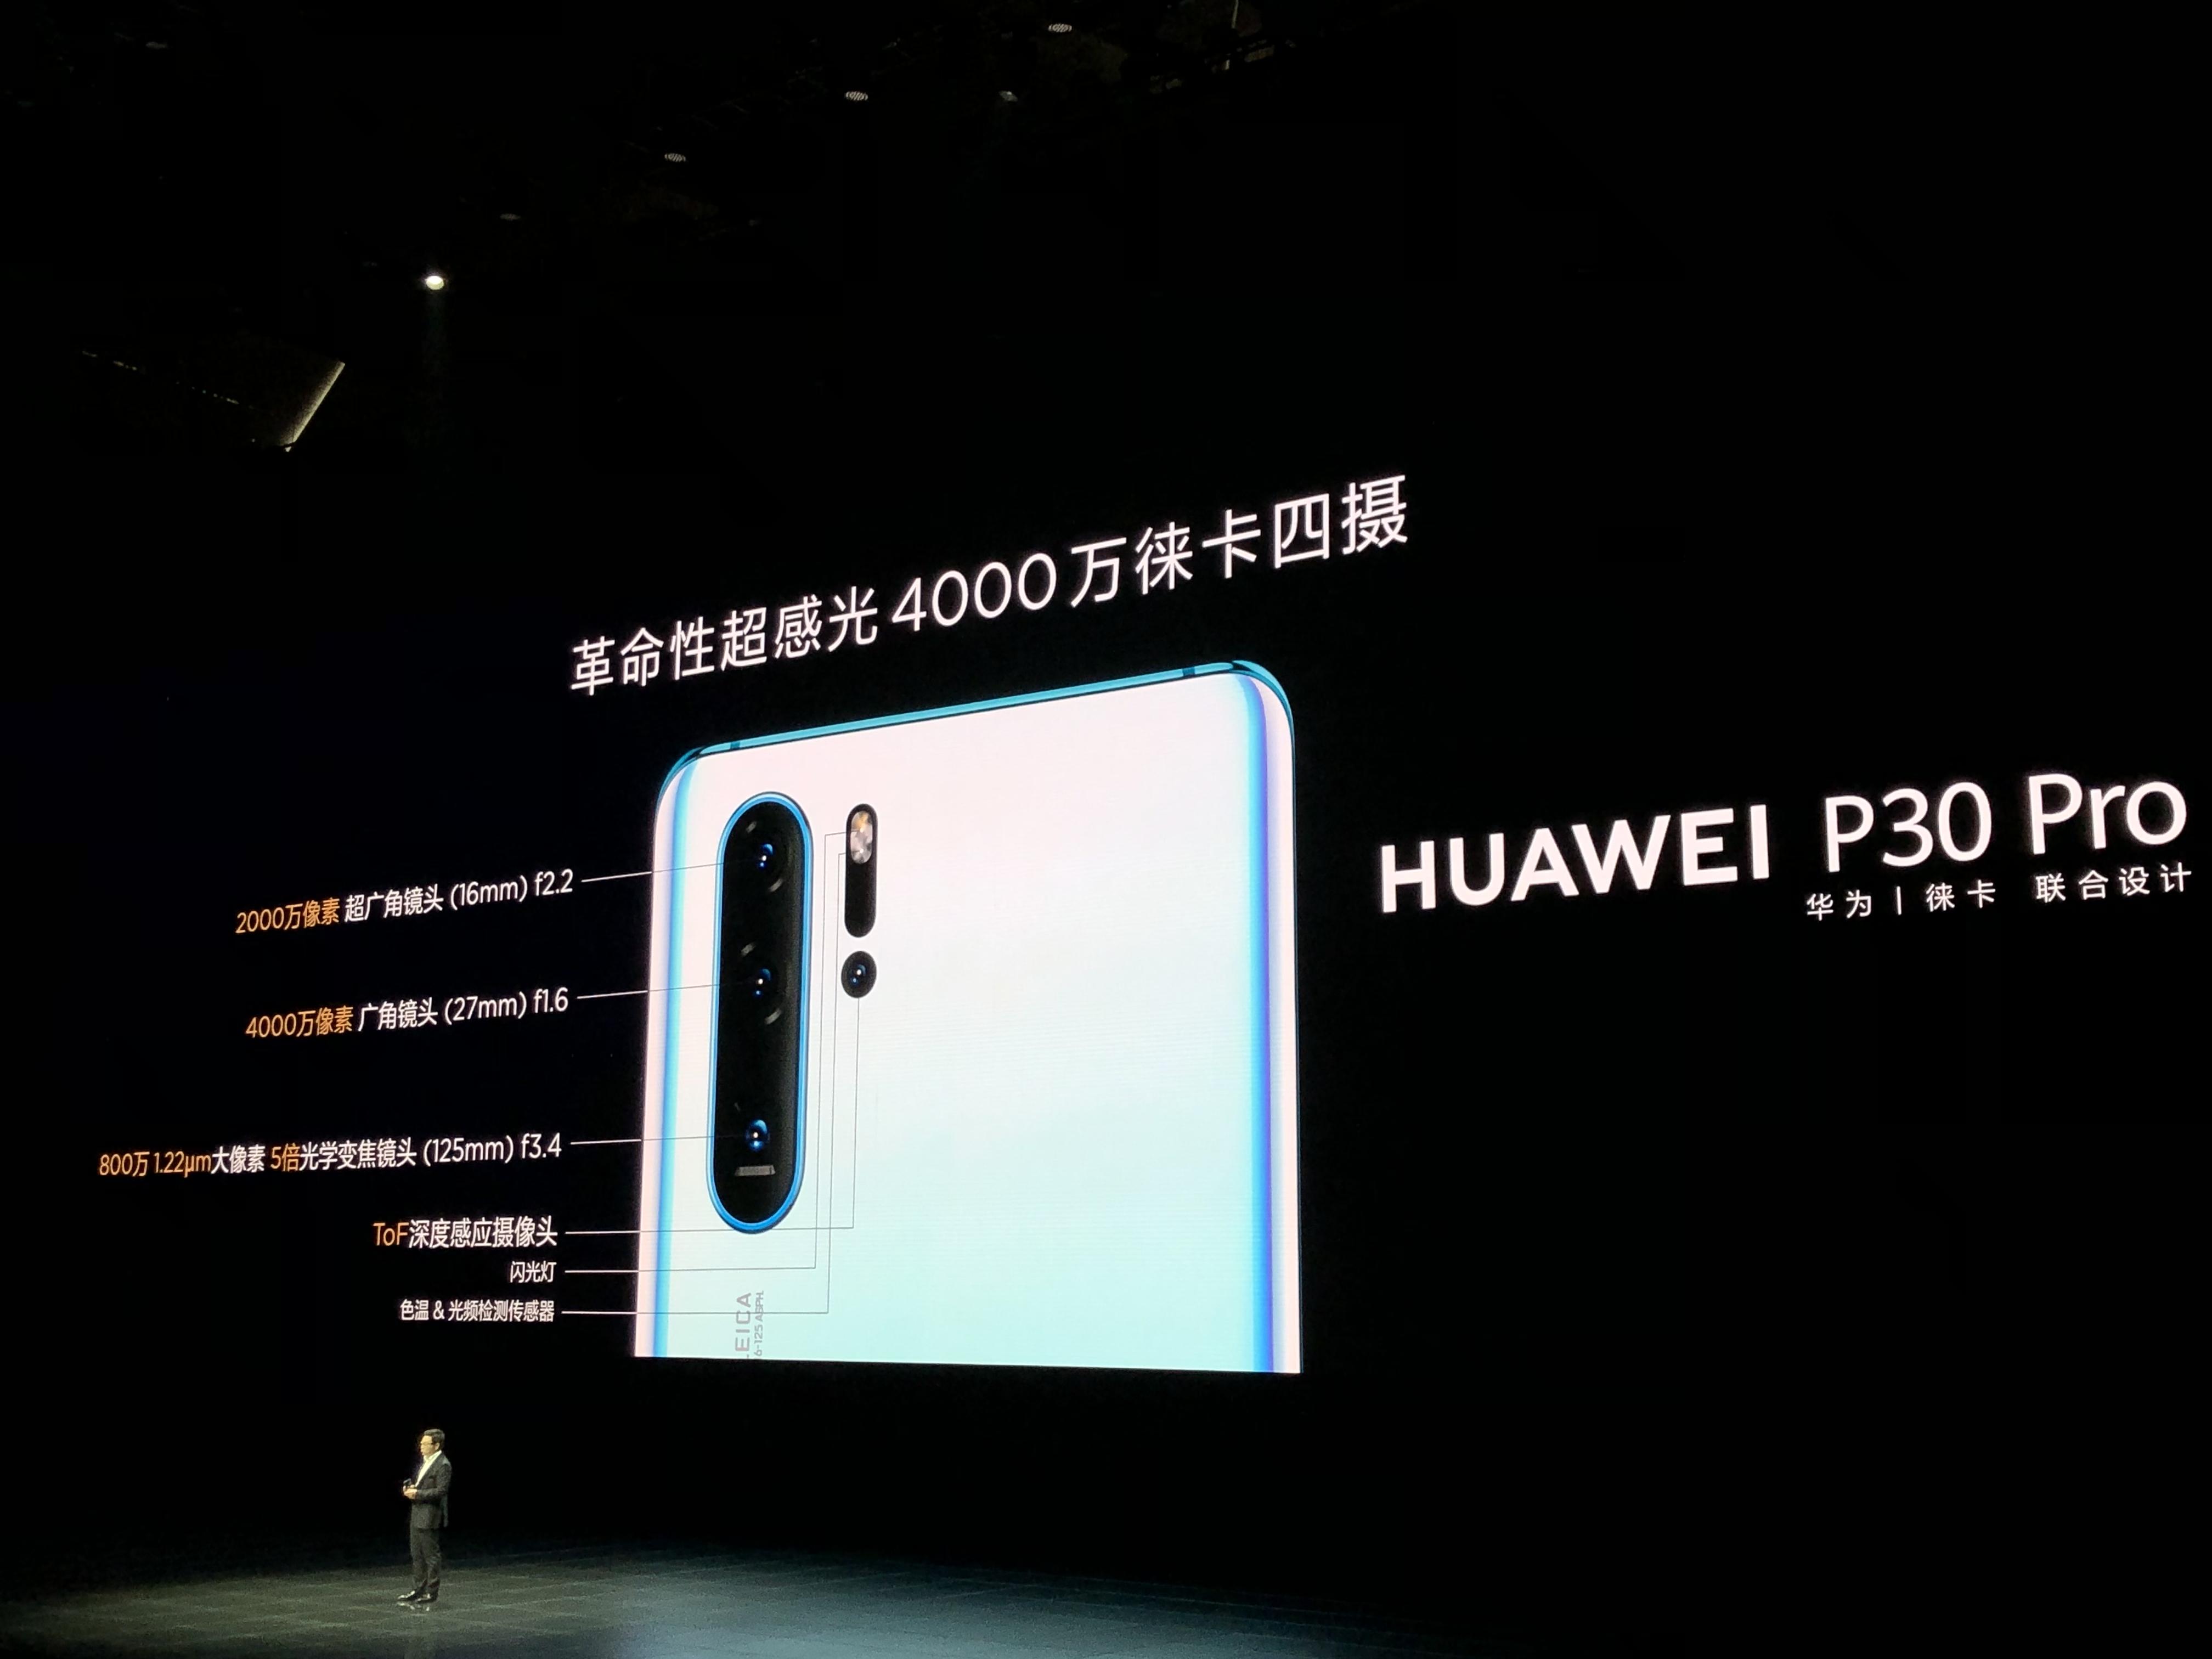 华为P30国行版发布 售价3988元起 比国际版便宜近半的照片 - 6